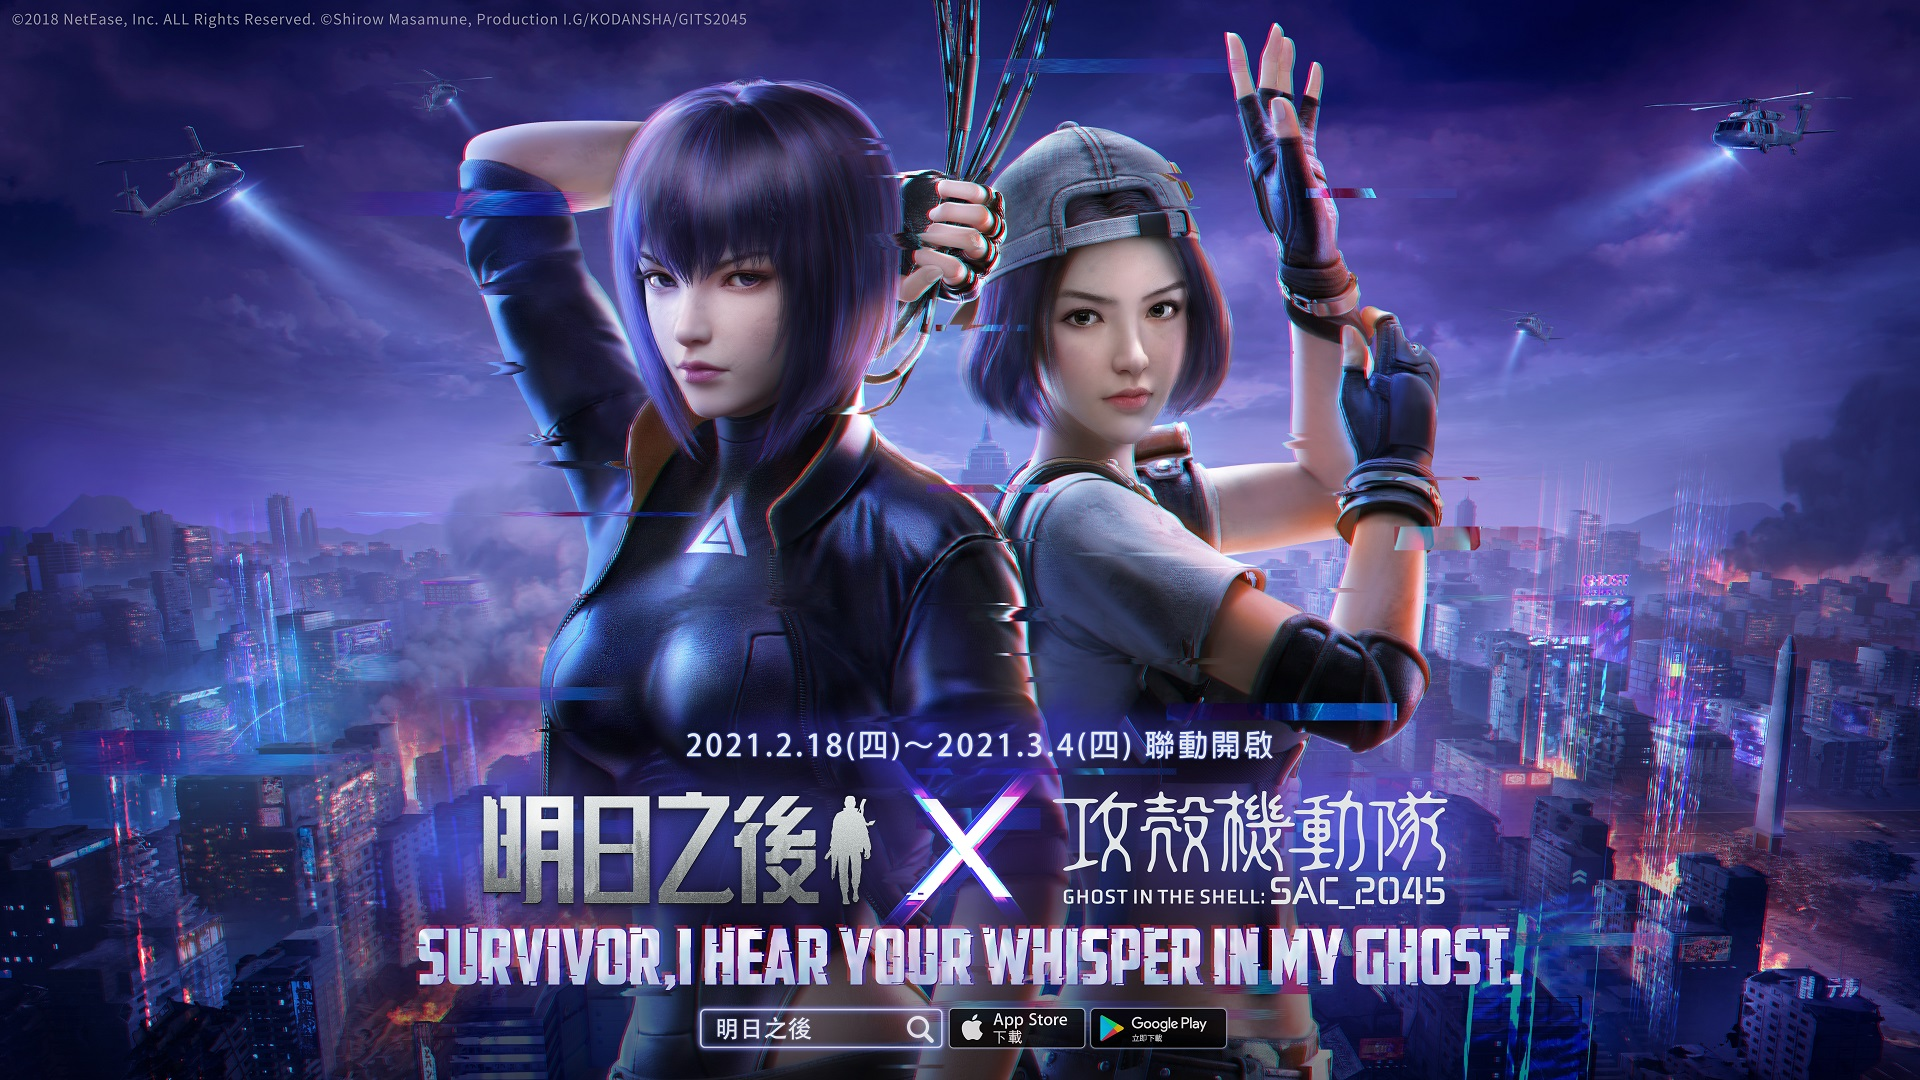 《明日之後》x《攻殼機動隊:SAC_2045》聯動今日上線 聯動PV首次公開,限定道具全面開售!